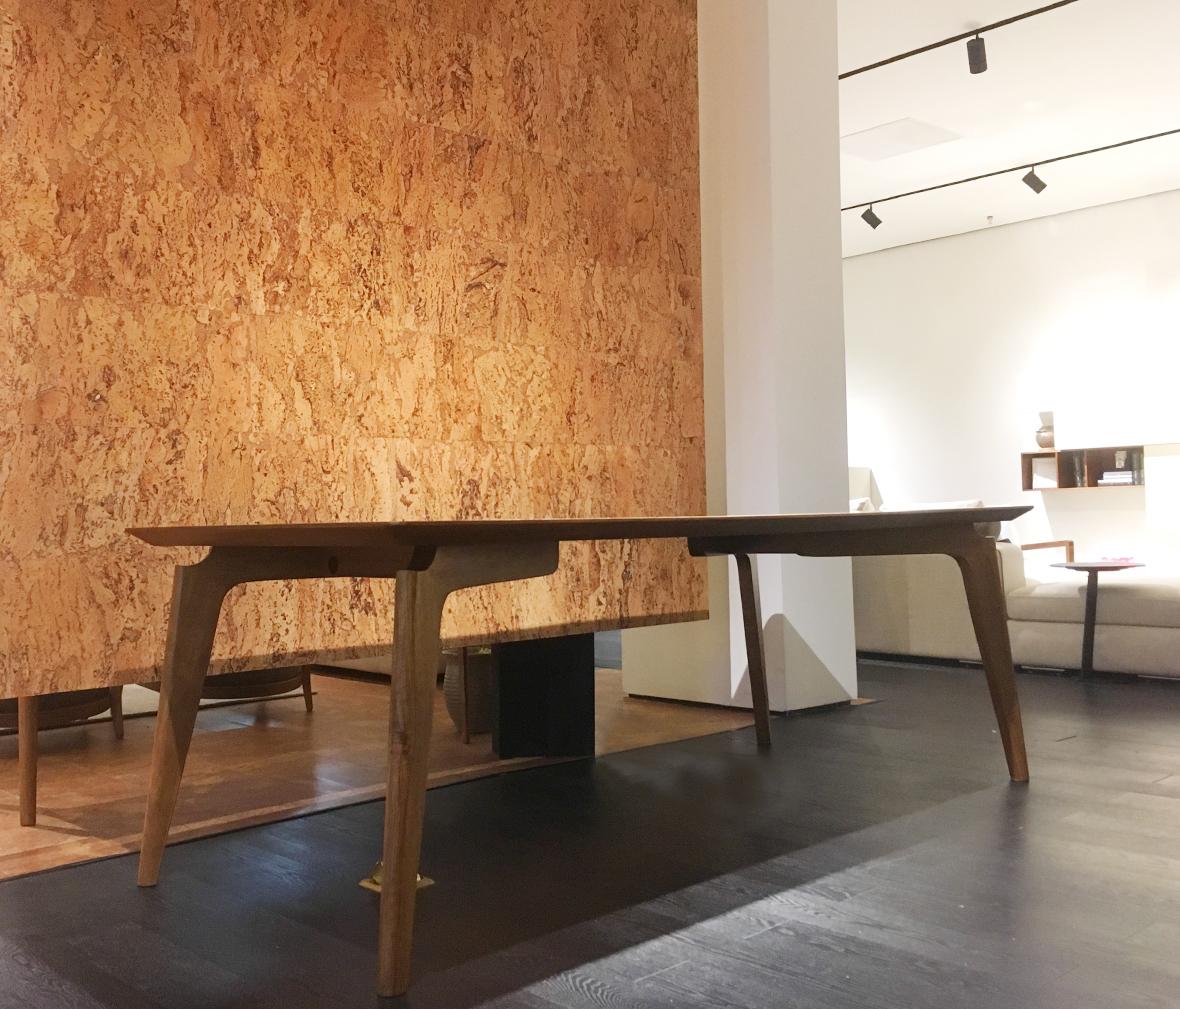 莫多家具  特价1.4米长桌  榄仁木材质长桌 现代简约风格